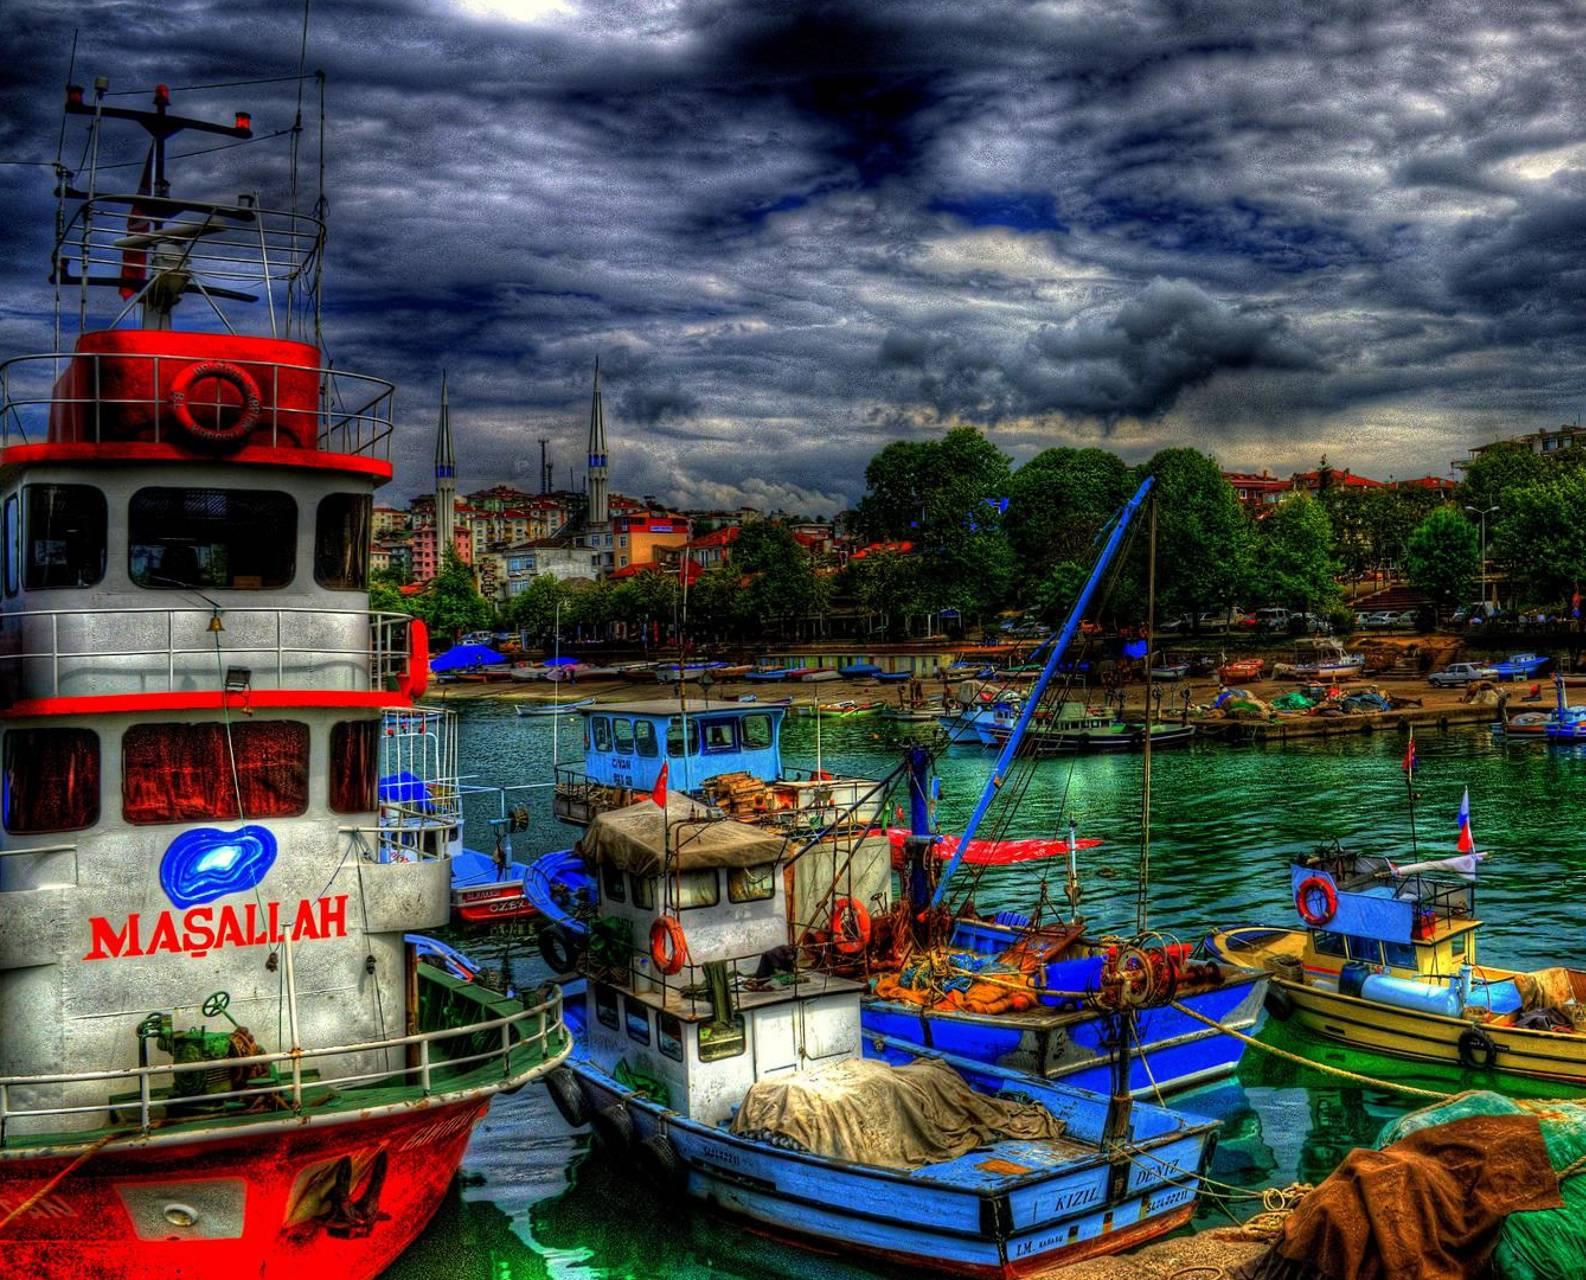 Liman turkiye hdr